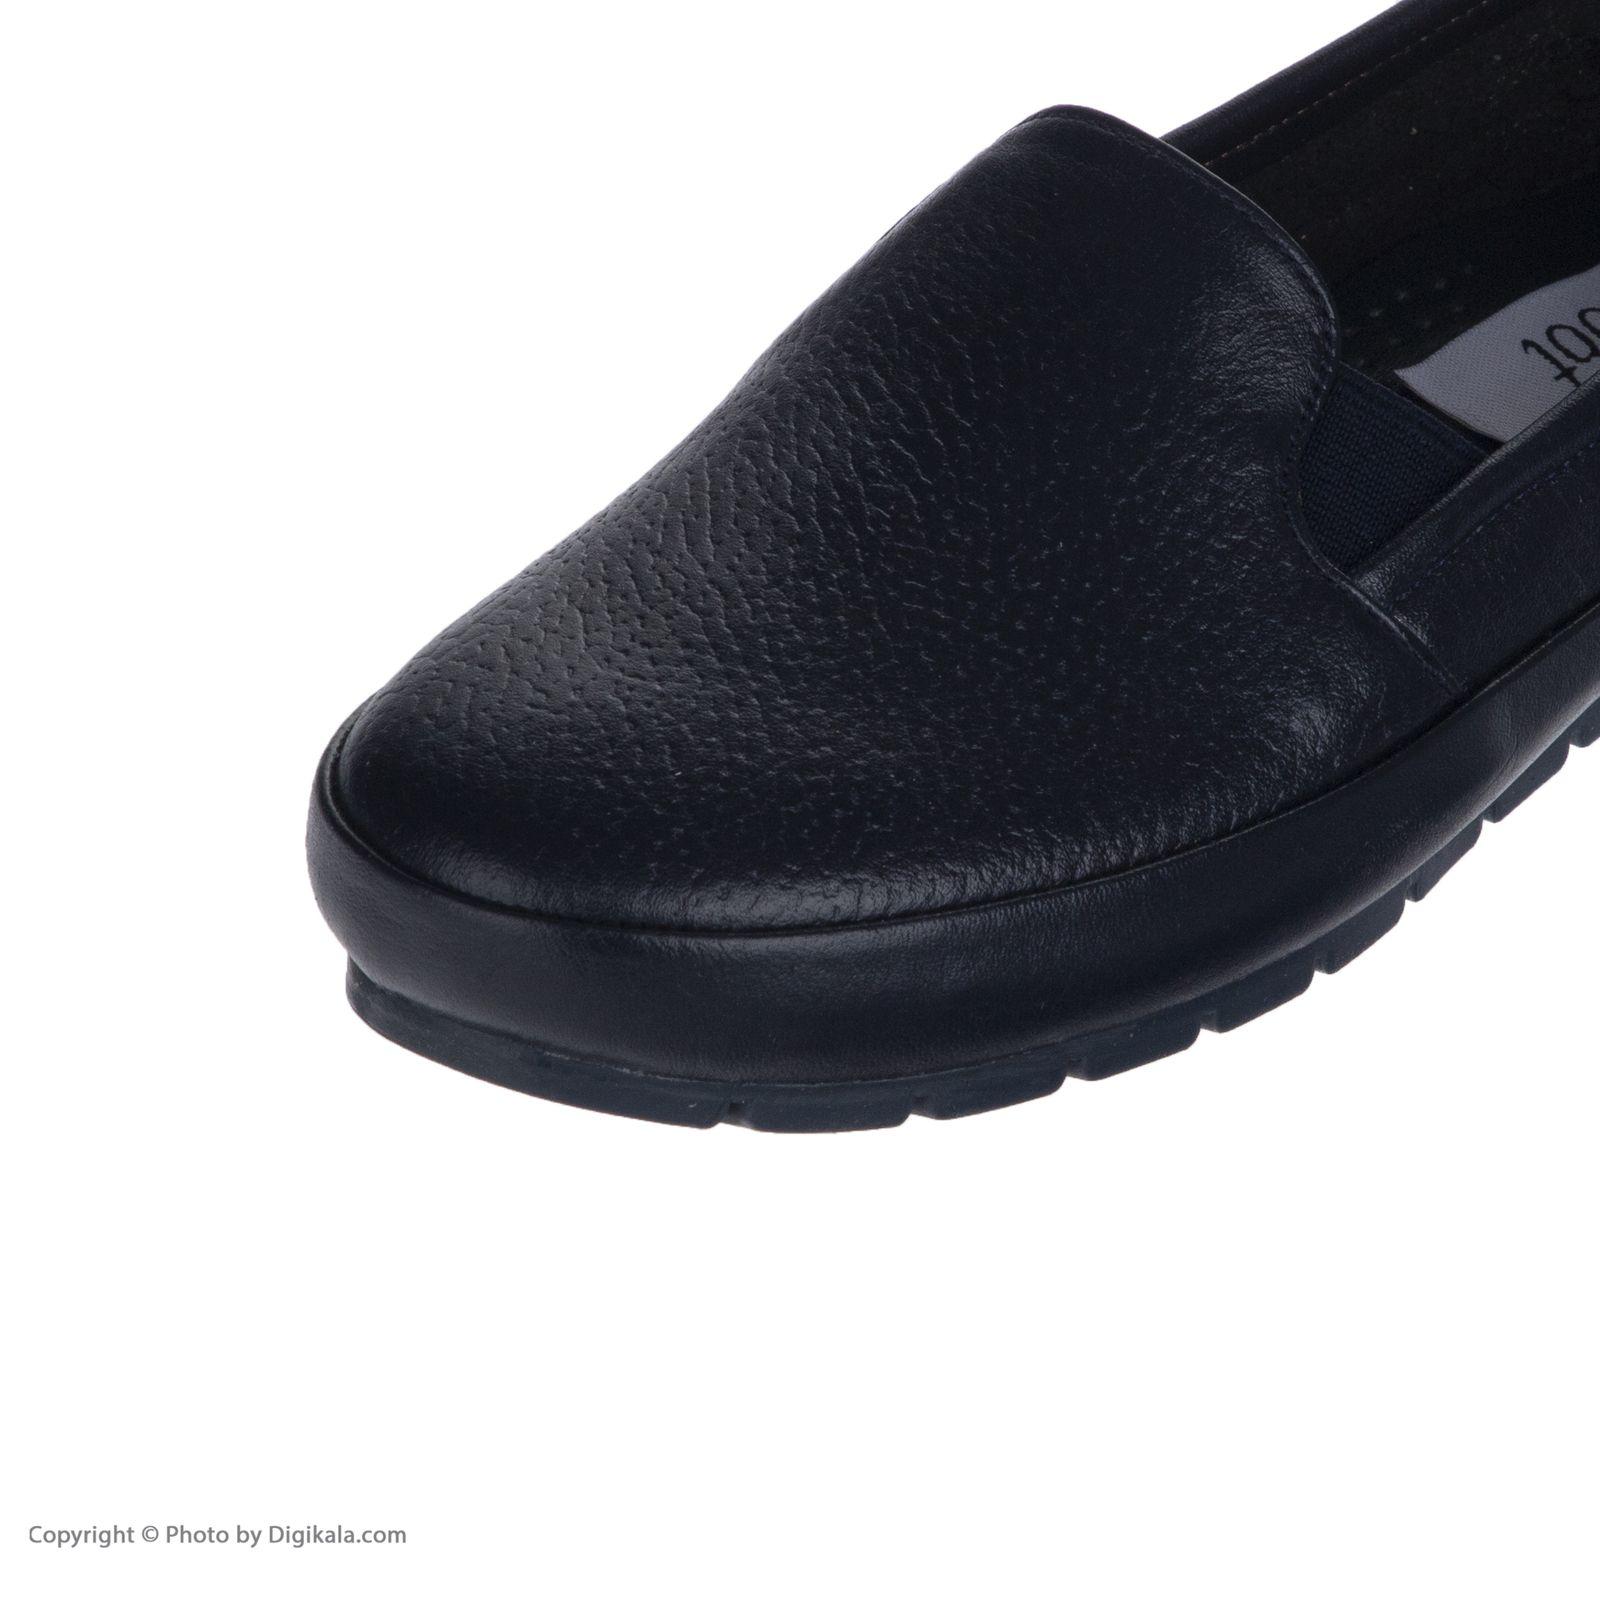 کفش روزمره زنانه بلوط مدل 5313A500103 -  - 8